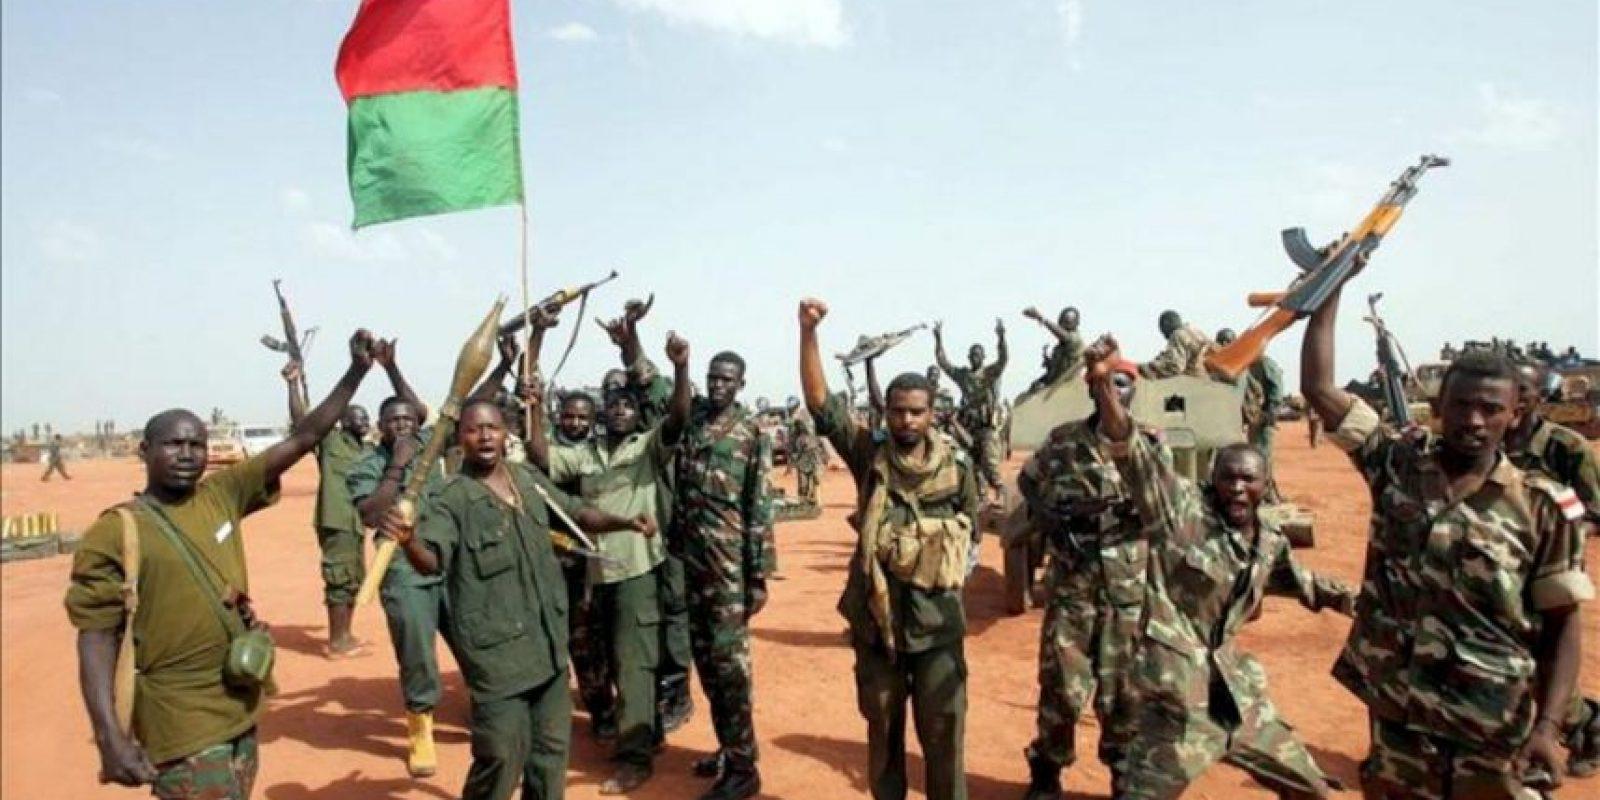 Soldados sudaneses ondean una bandera nacional en la zona de Heglig (Sudán). EFE